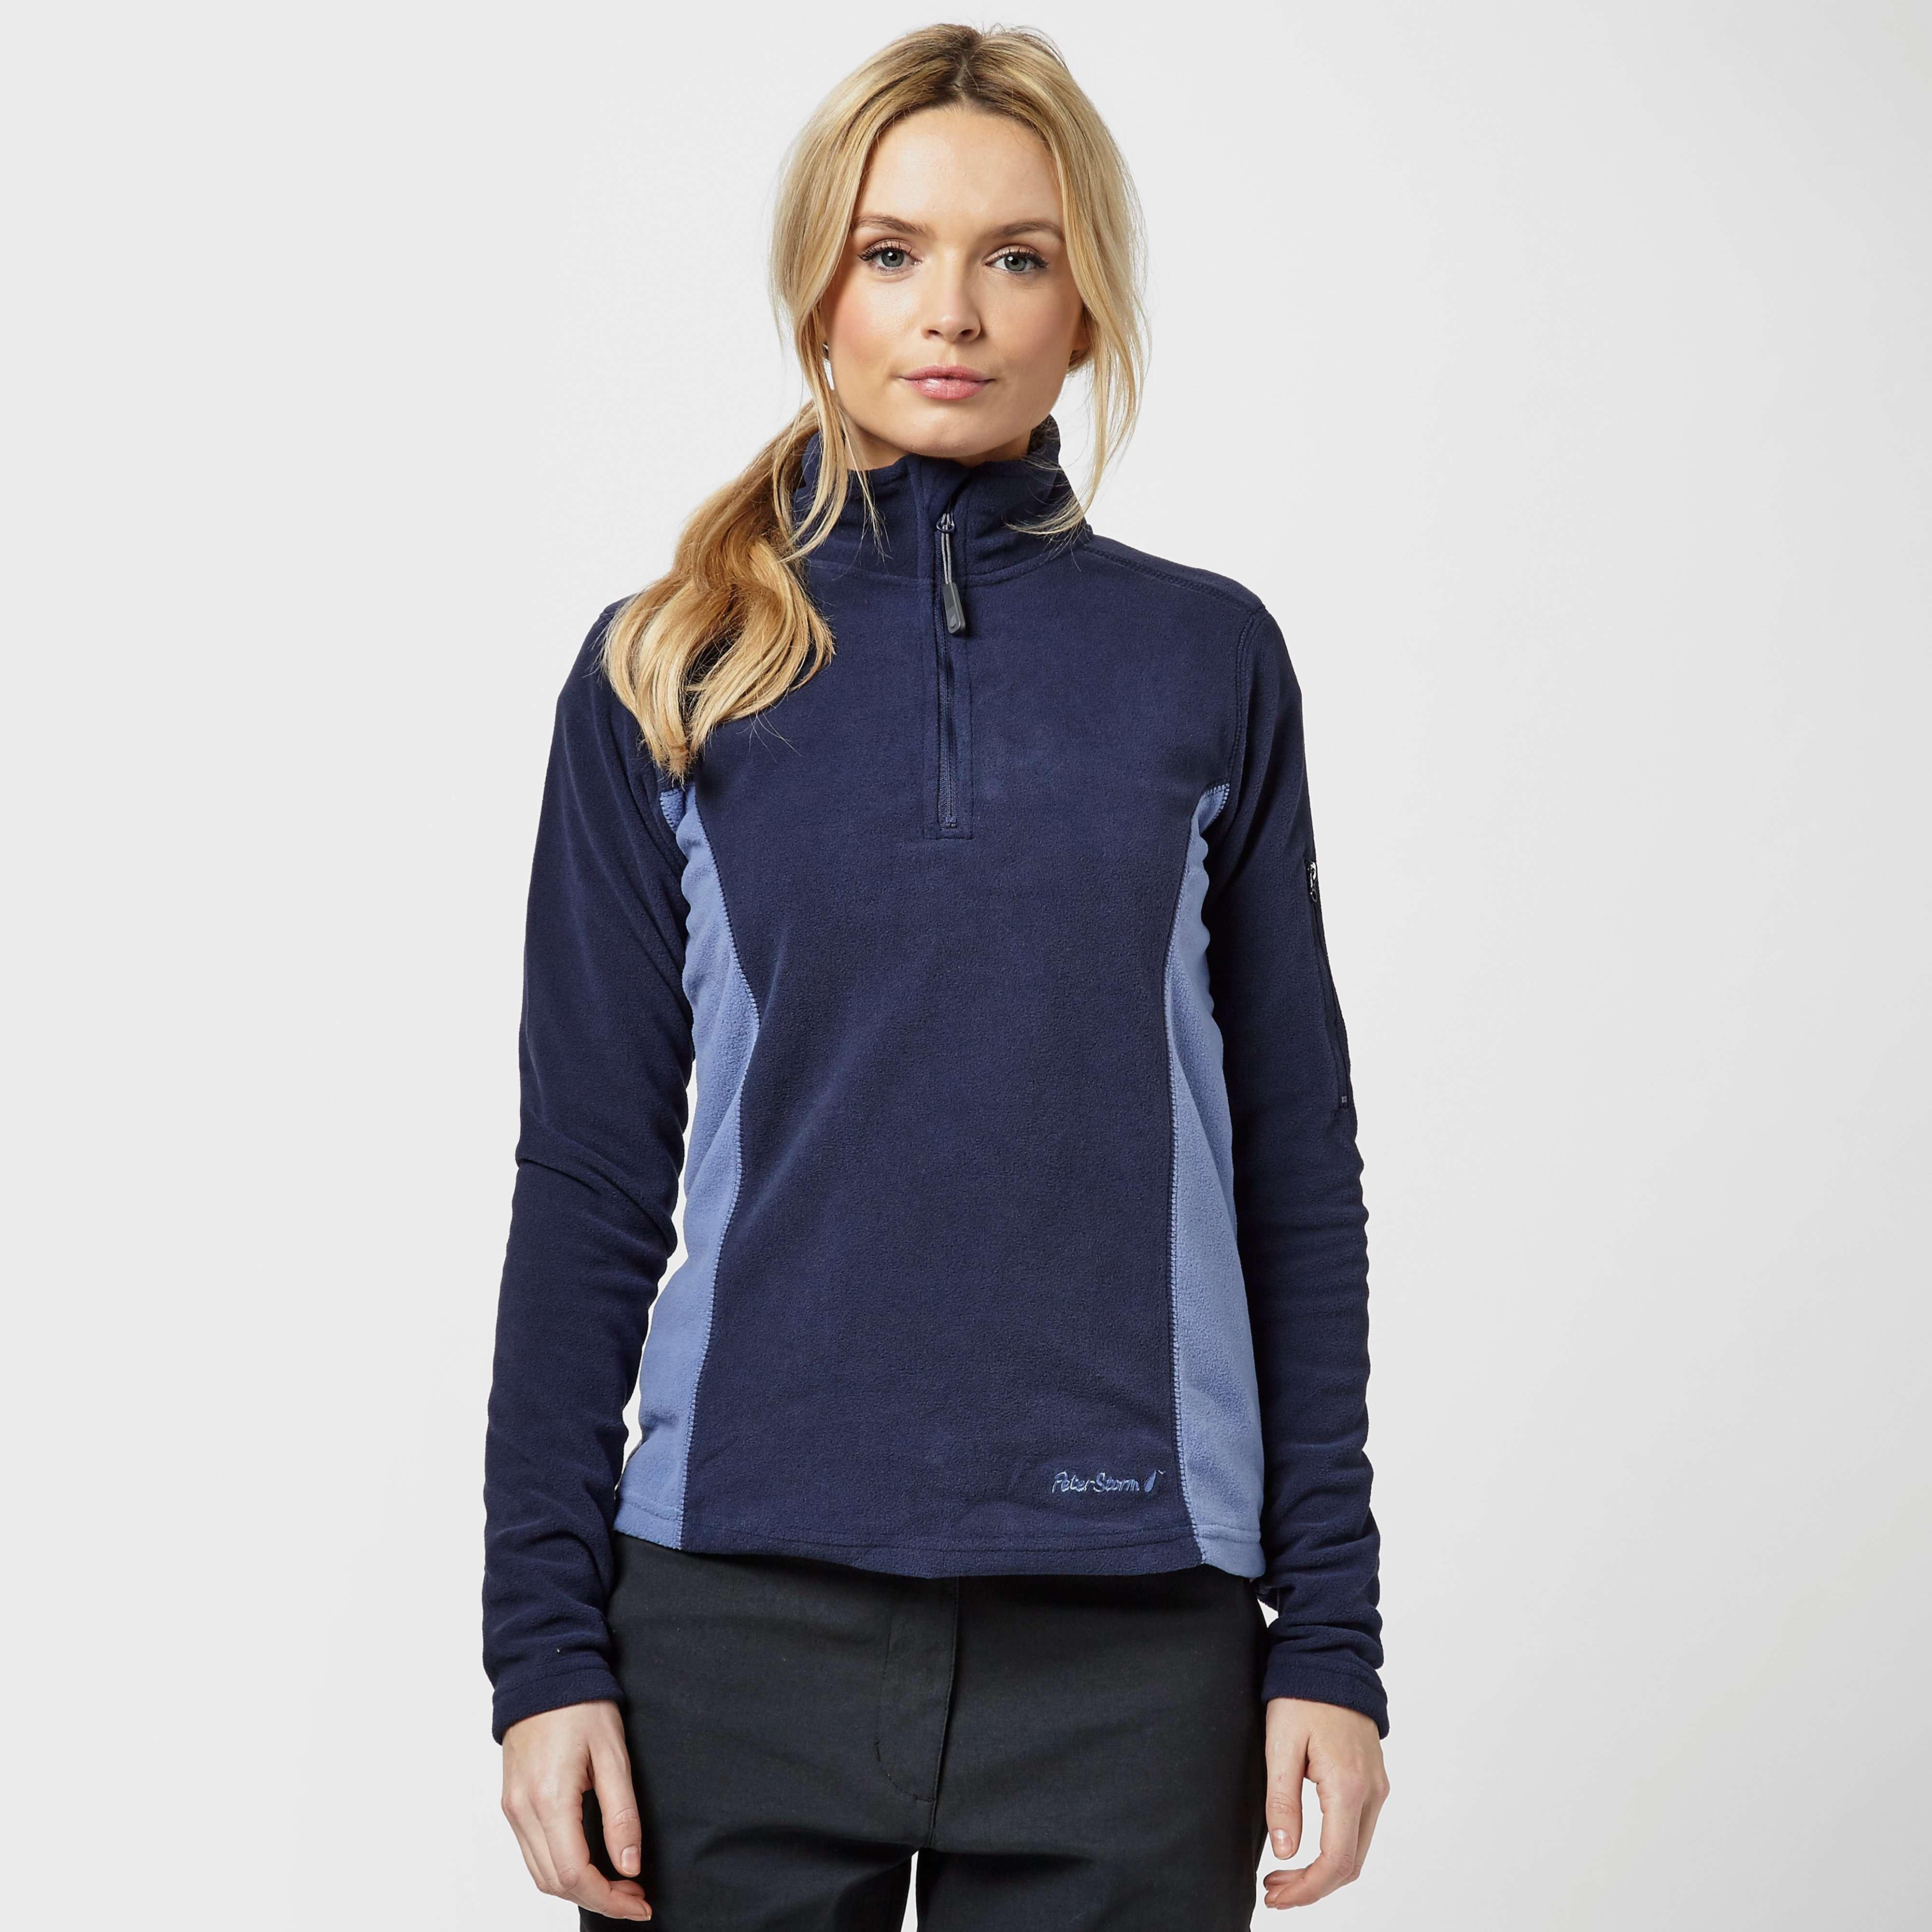 PETER STORM Women's Half Zip Panel Fleece